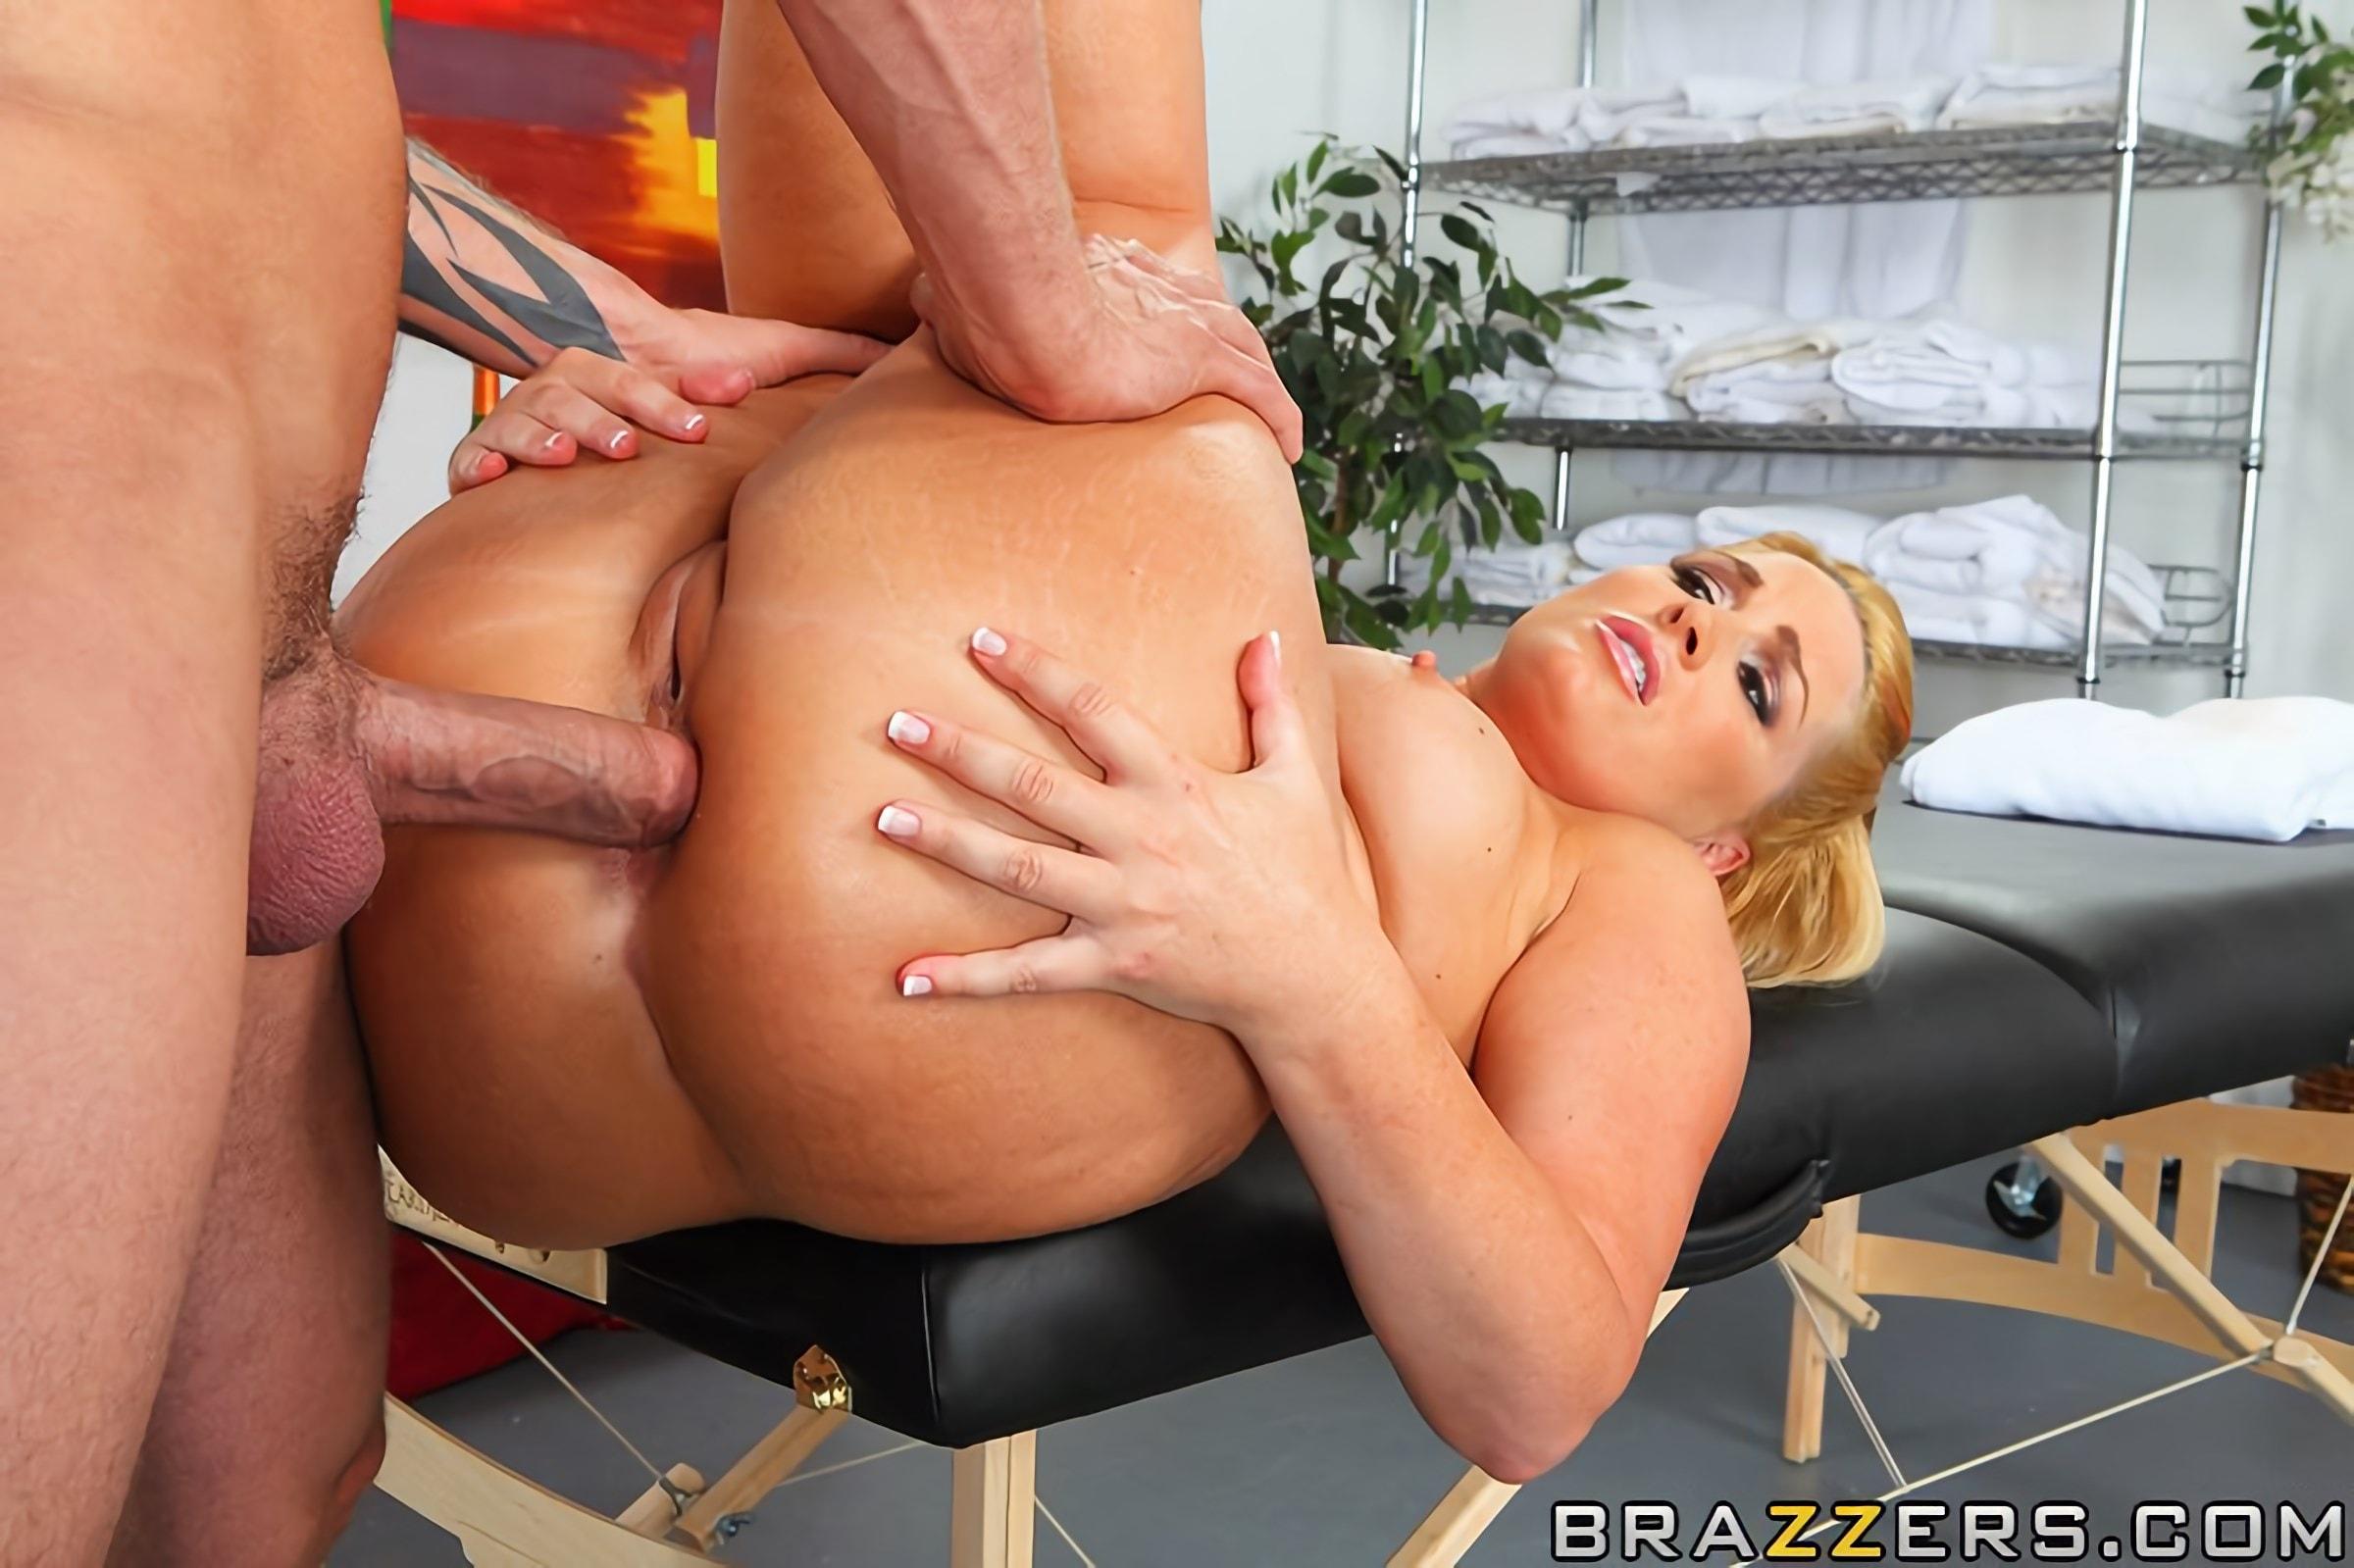 Pics big breasts